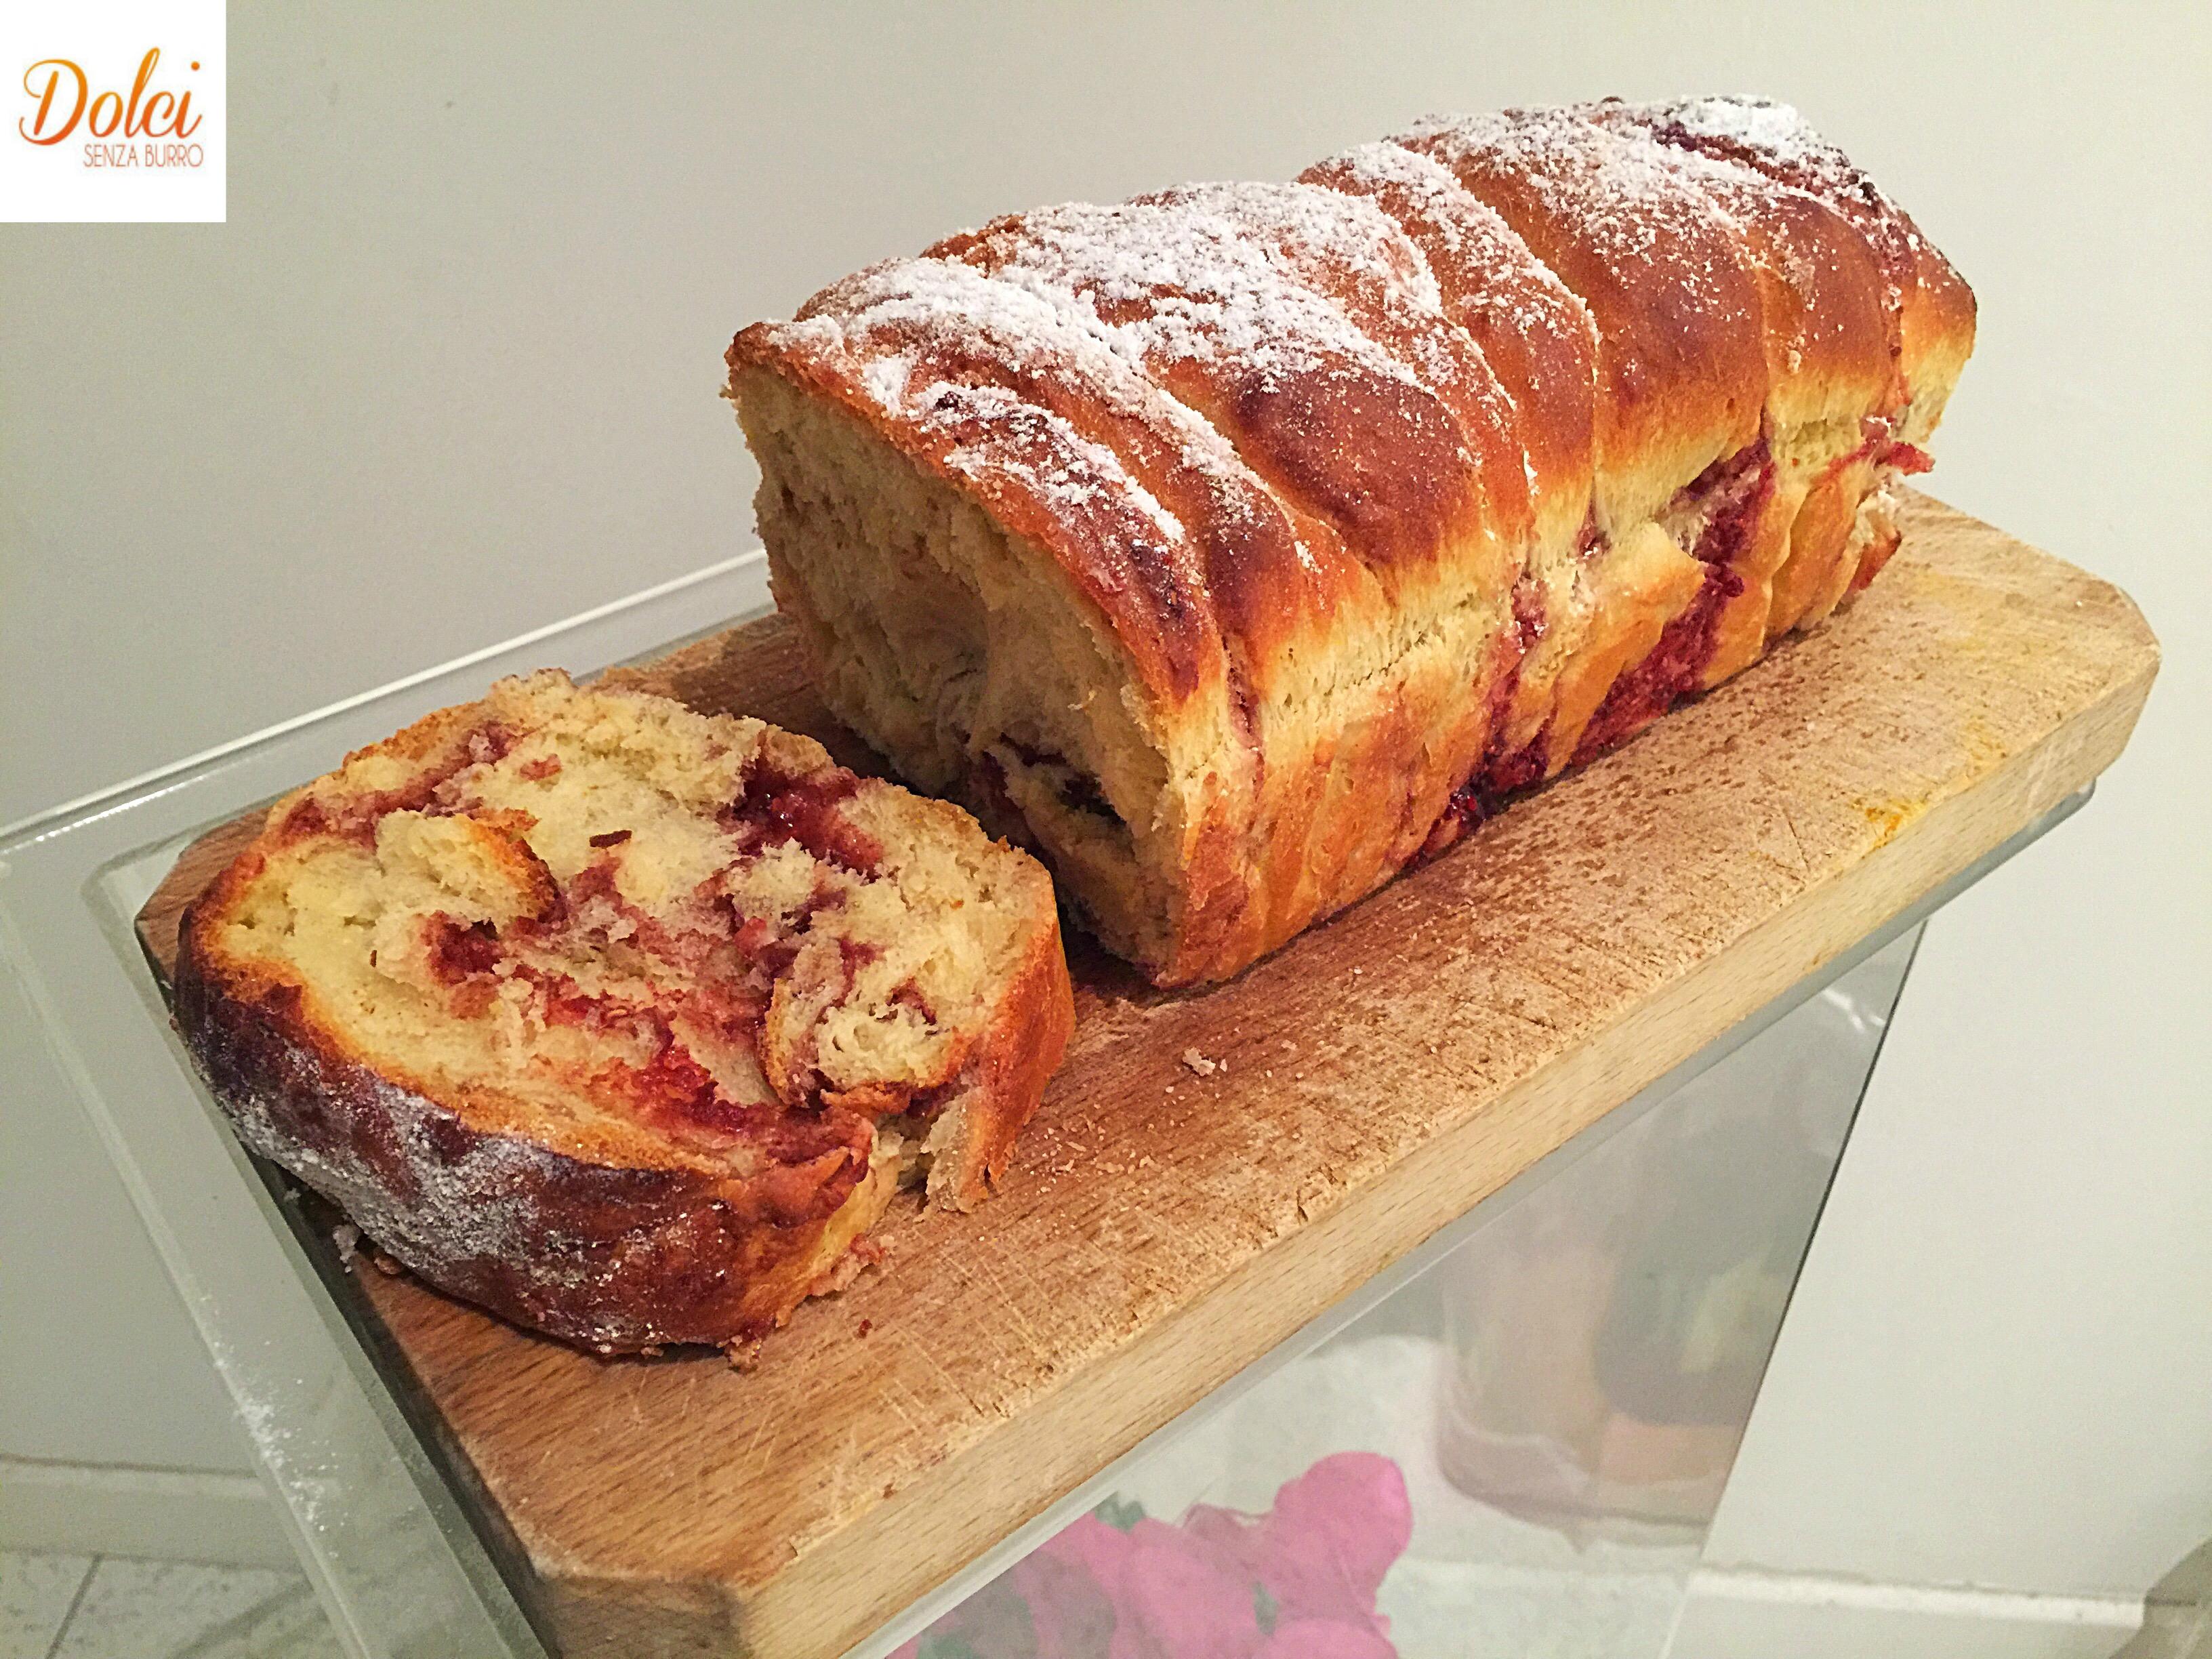 Pan Brioche alla Marmellata Senza Burro, soffice e goloso e per intolleranti al lattosio di dolci senza burro